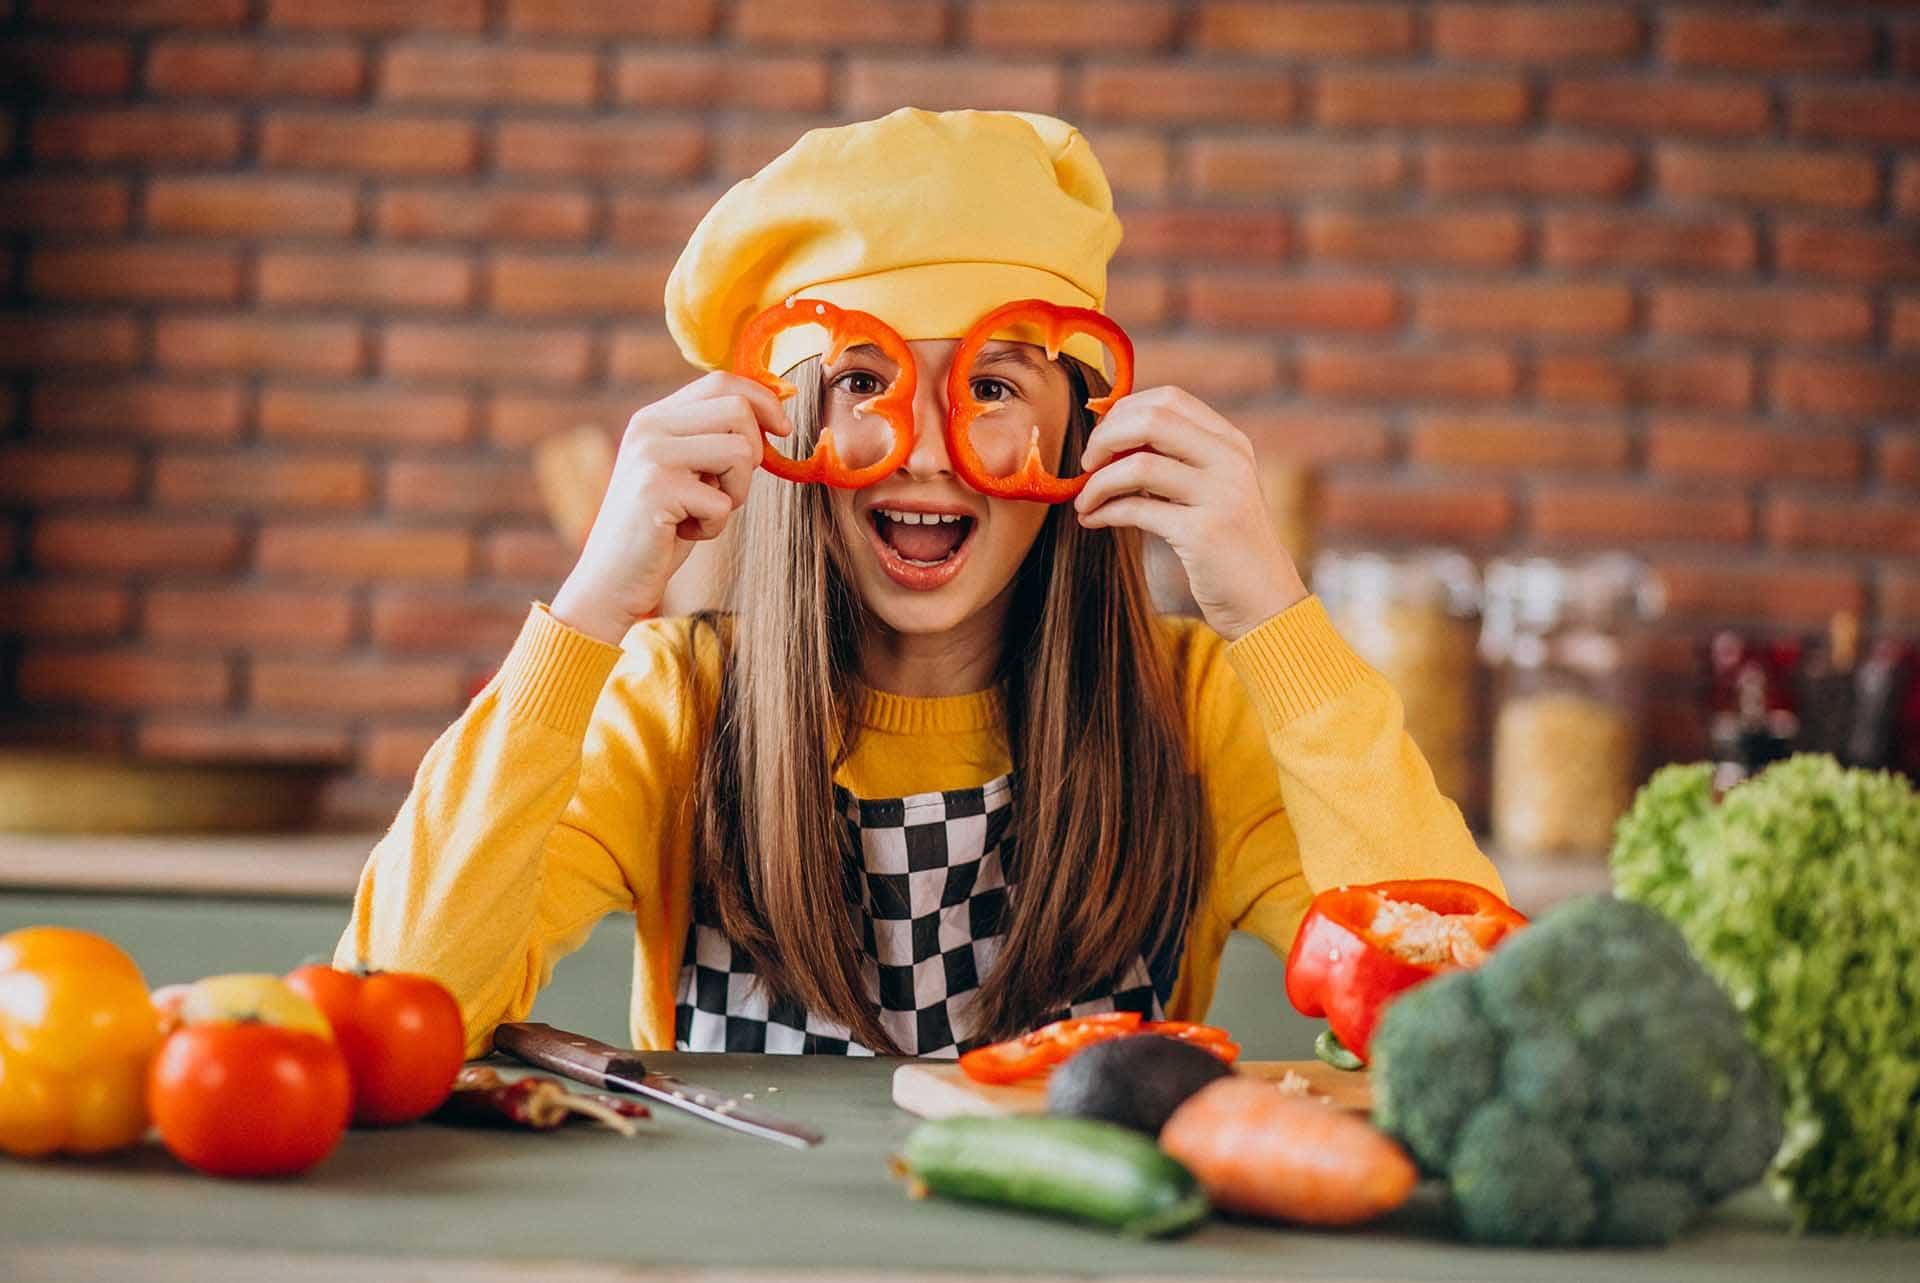 Çocukları Sağlıklı Gıda Yemeye Teşvik Etmek İçin İpuçları